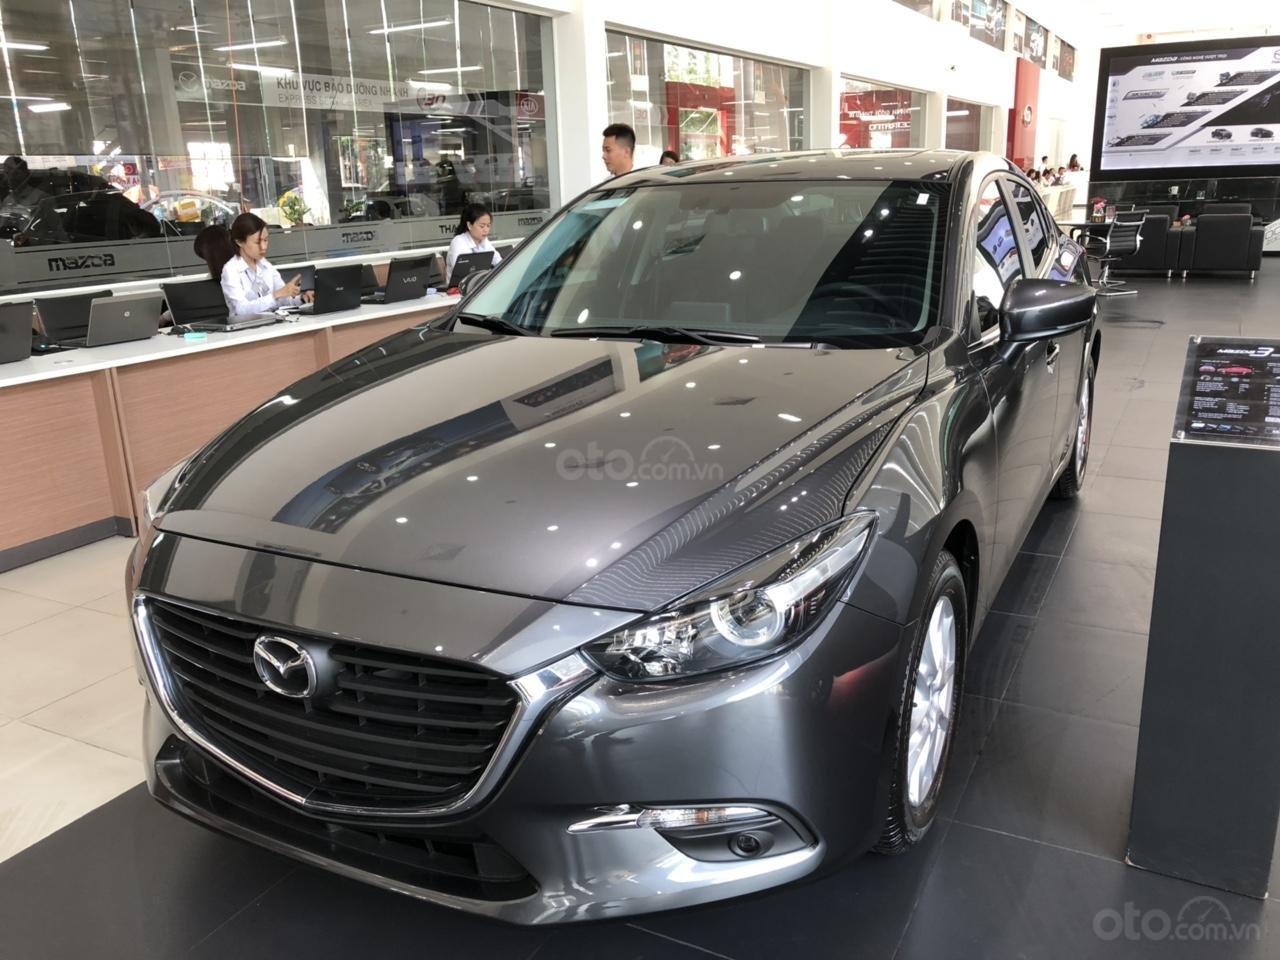 Bán Mazda 3 tại CN Bình Triệu - Khai trương ưu đãi khủng, ưu đãi shock khi mua xe (2)